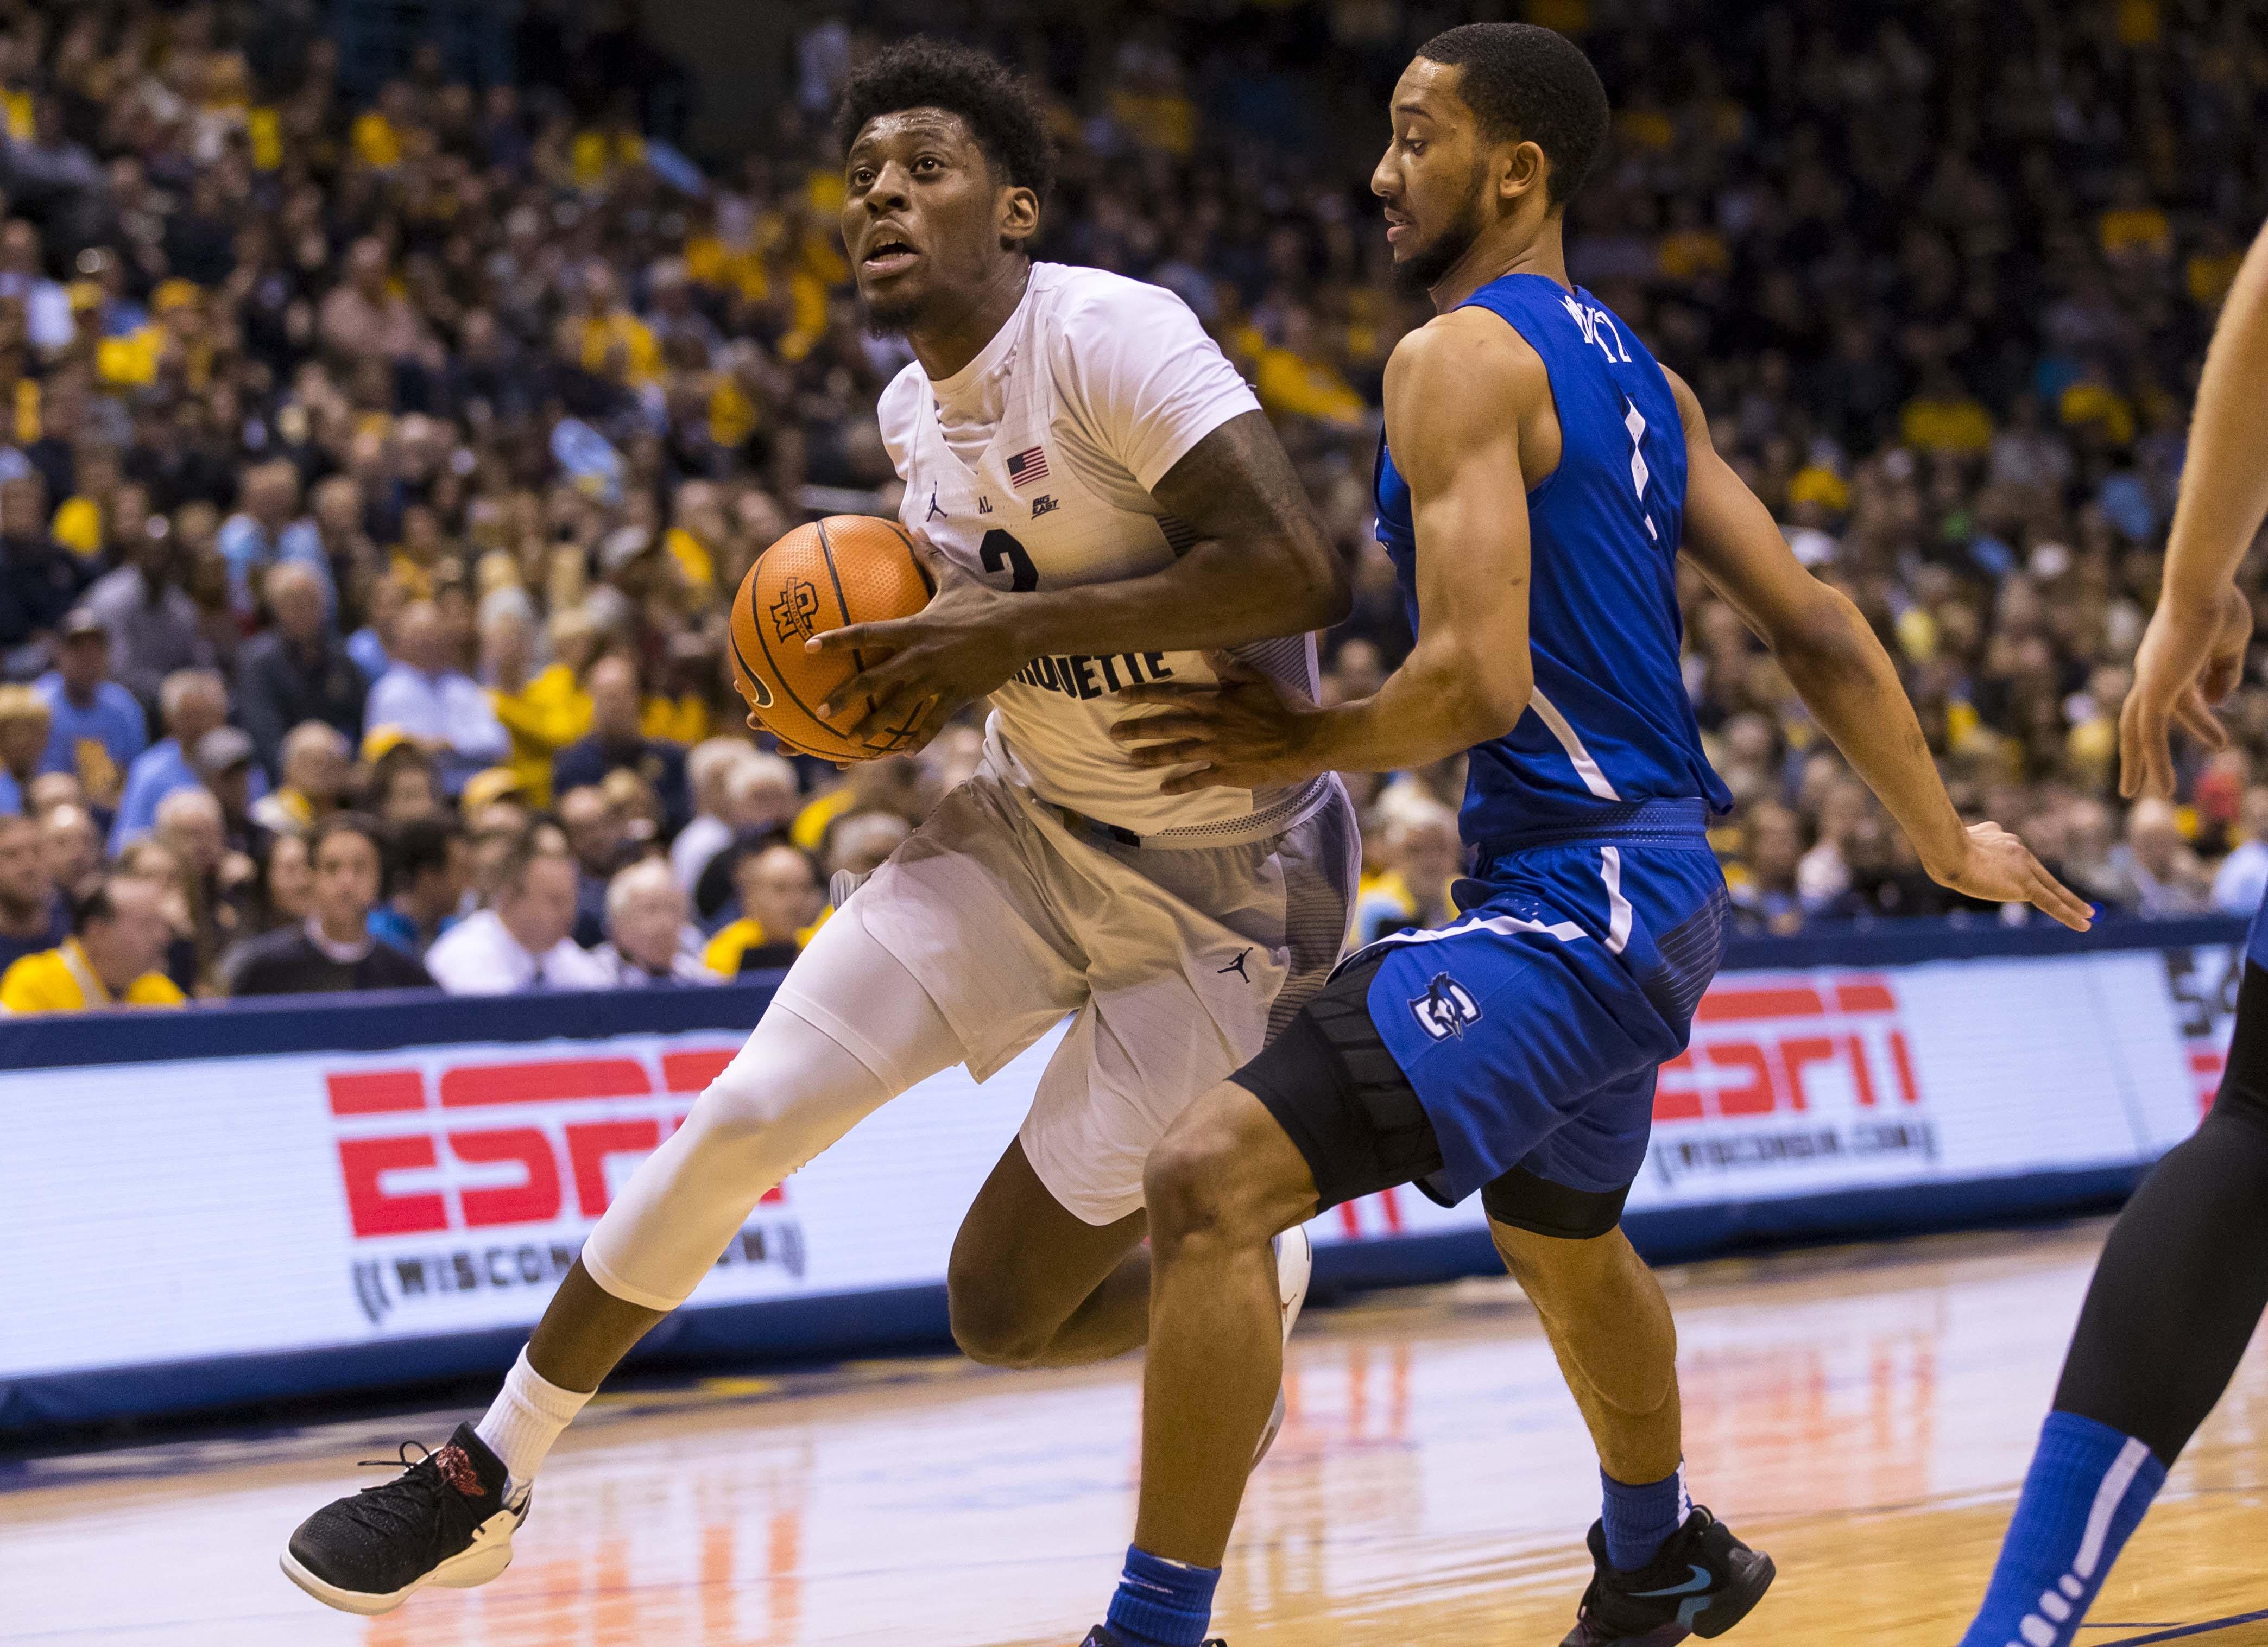 NCAA Basketball: Creighton at Marquette